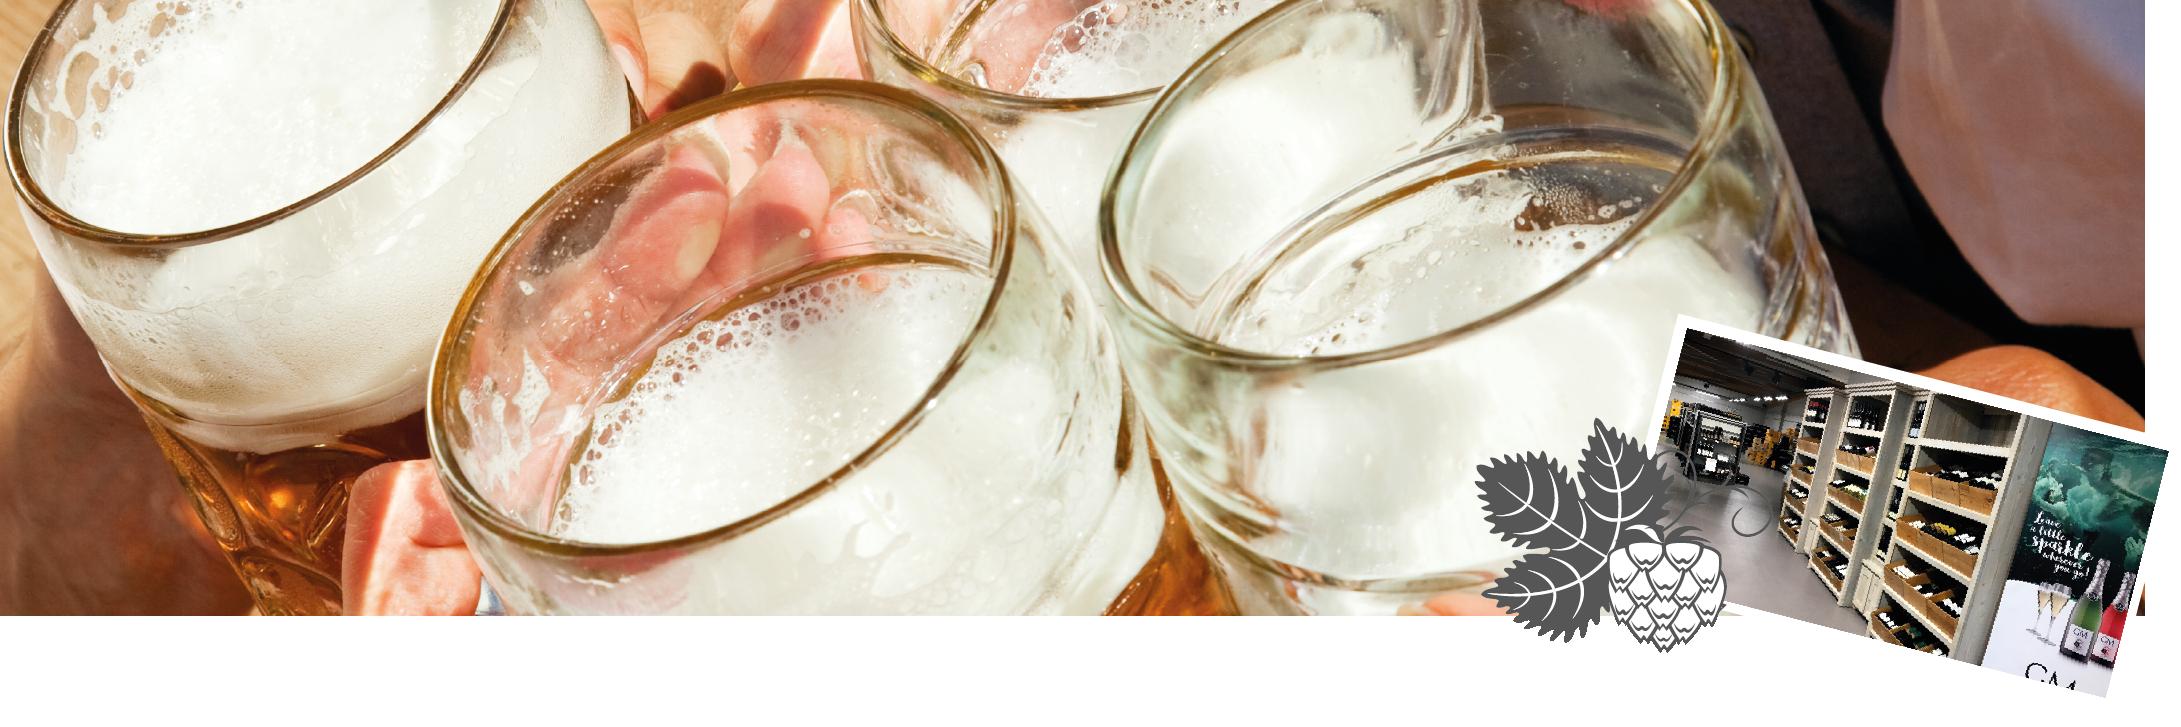 Drank nodig op je feest? Drinkhall Geenen helpt je daarbij.